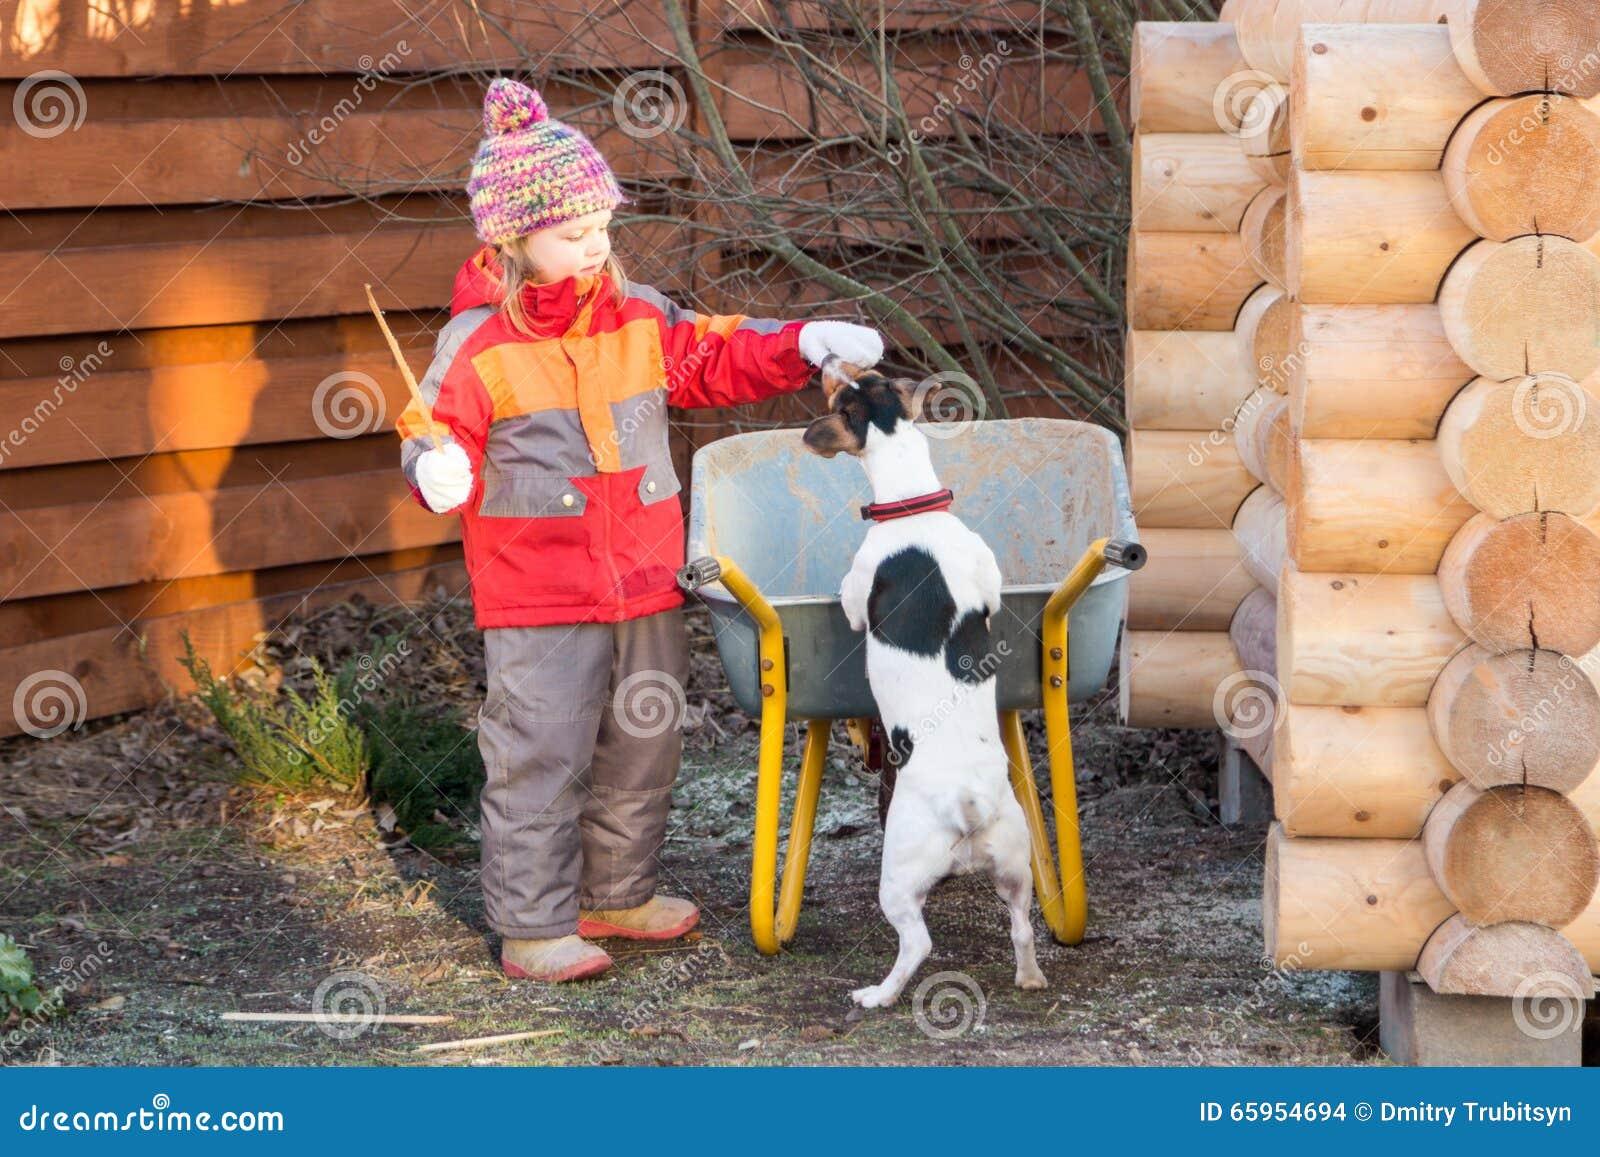 Meisje regales hond een traktatie in tuin